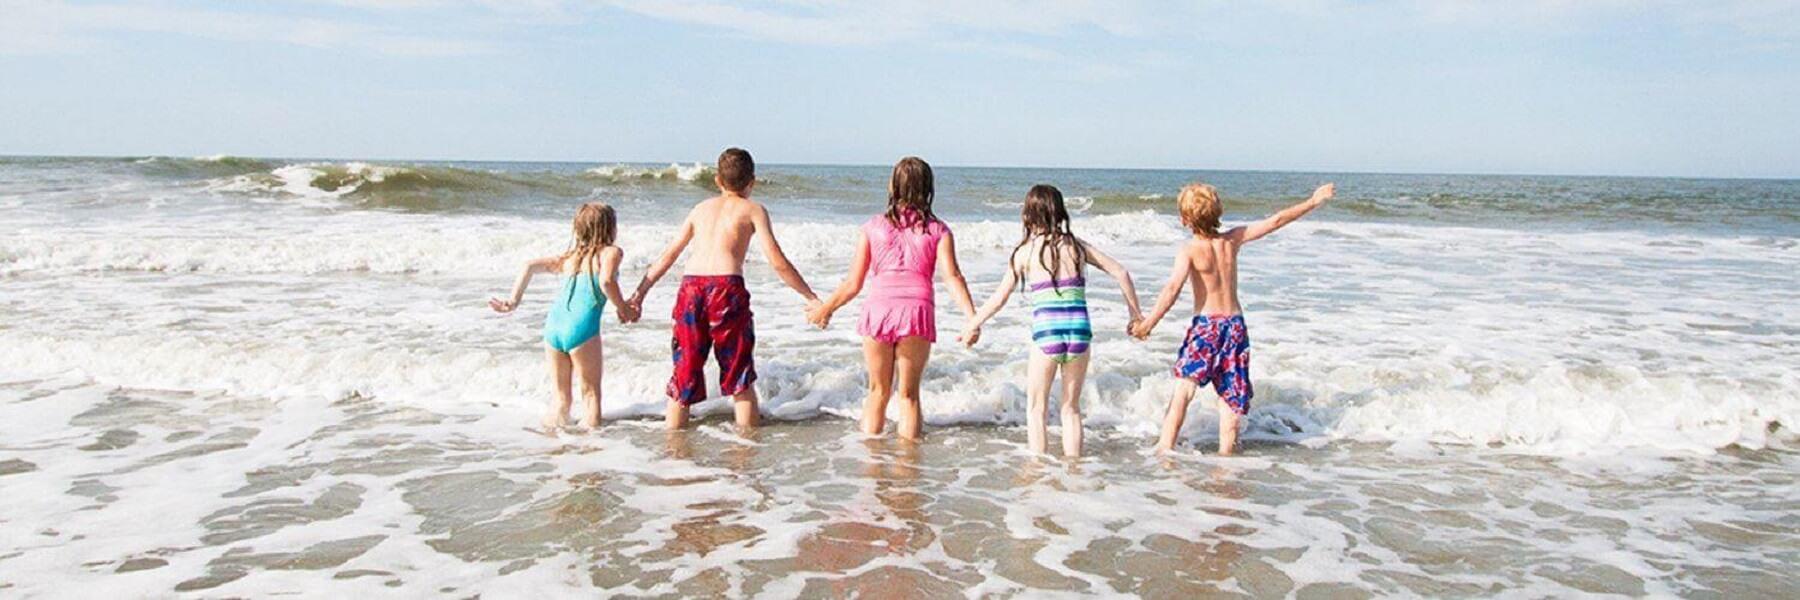 kids-in-surf